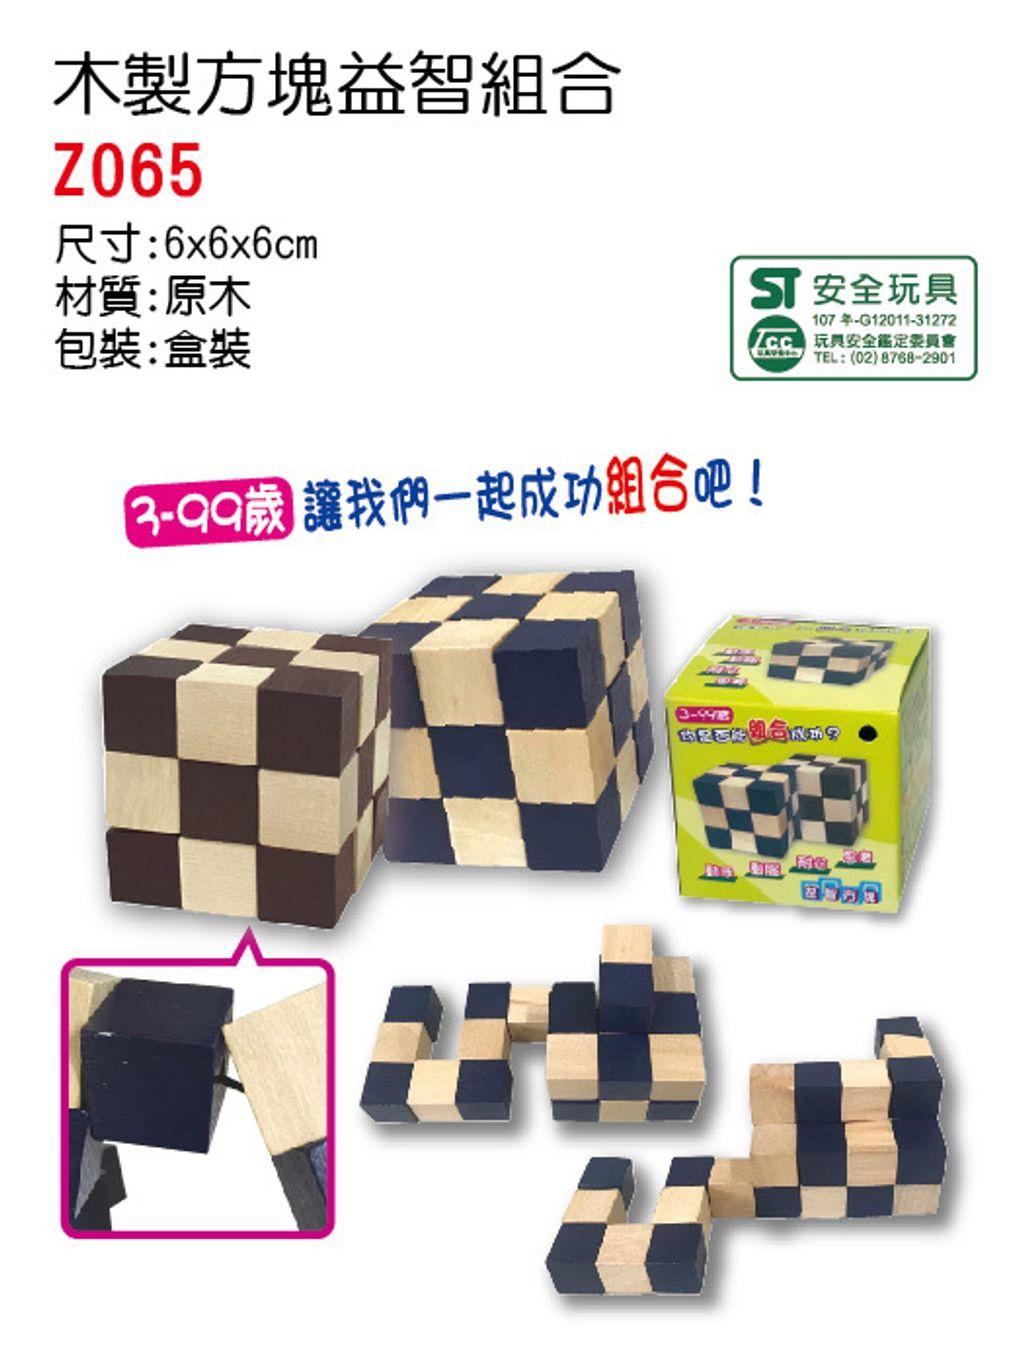 Z065_無.jpg